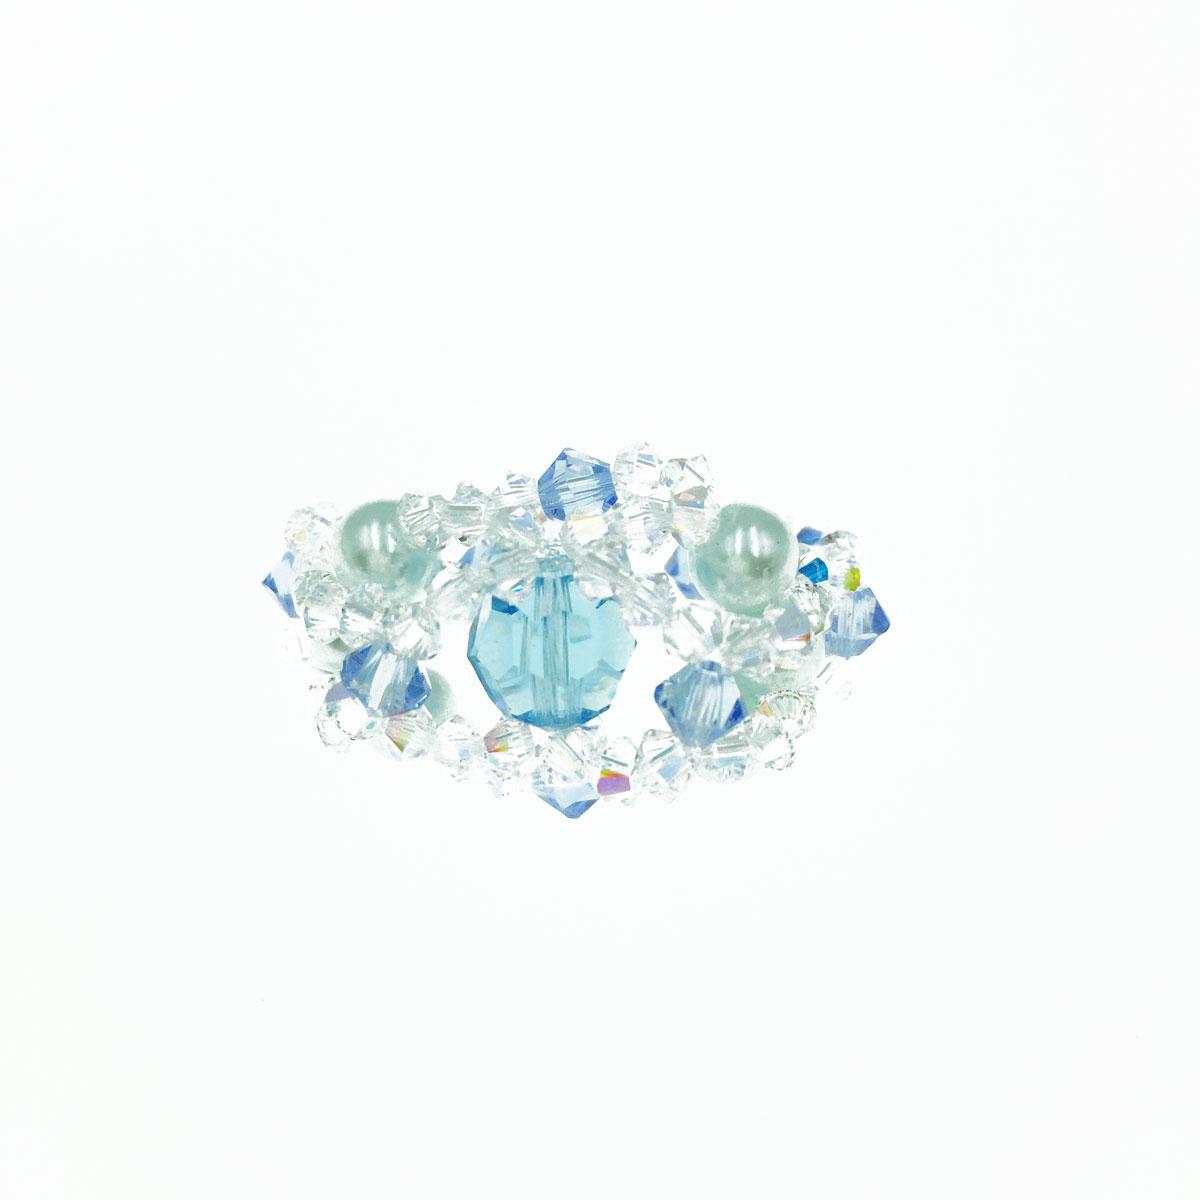 藍色系 珍珠 水晶 彈性繩 戒指 採用施華洛世奇水晶元素 Crystals from Swarovski